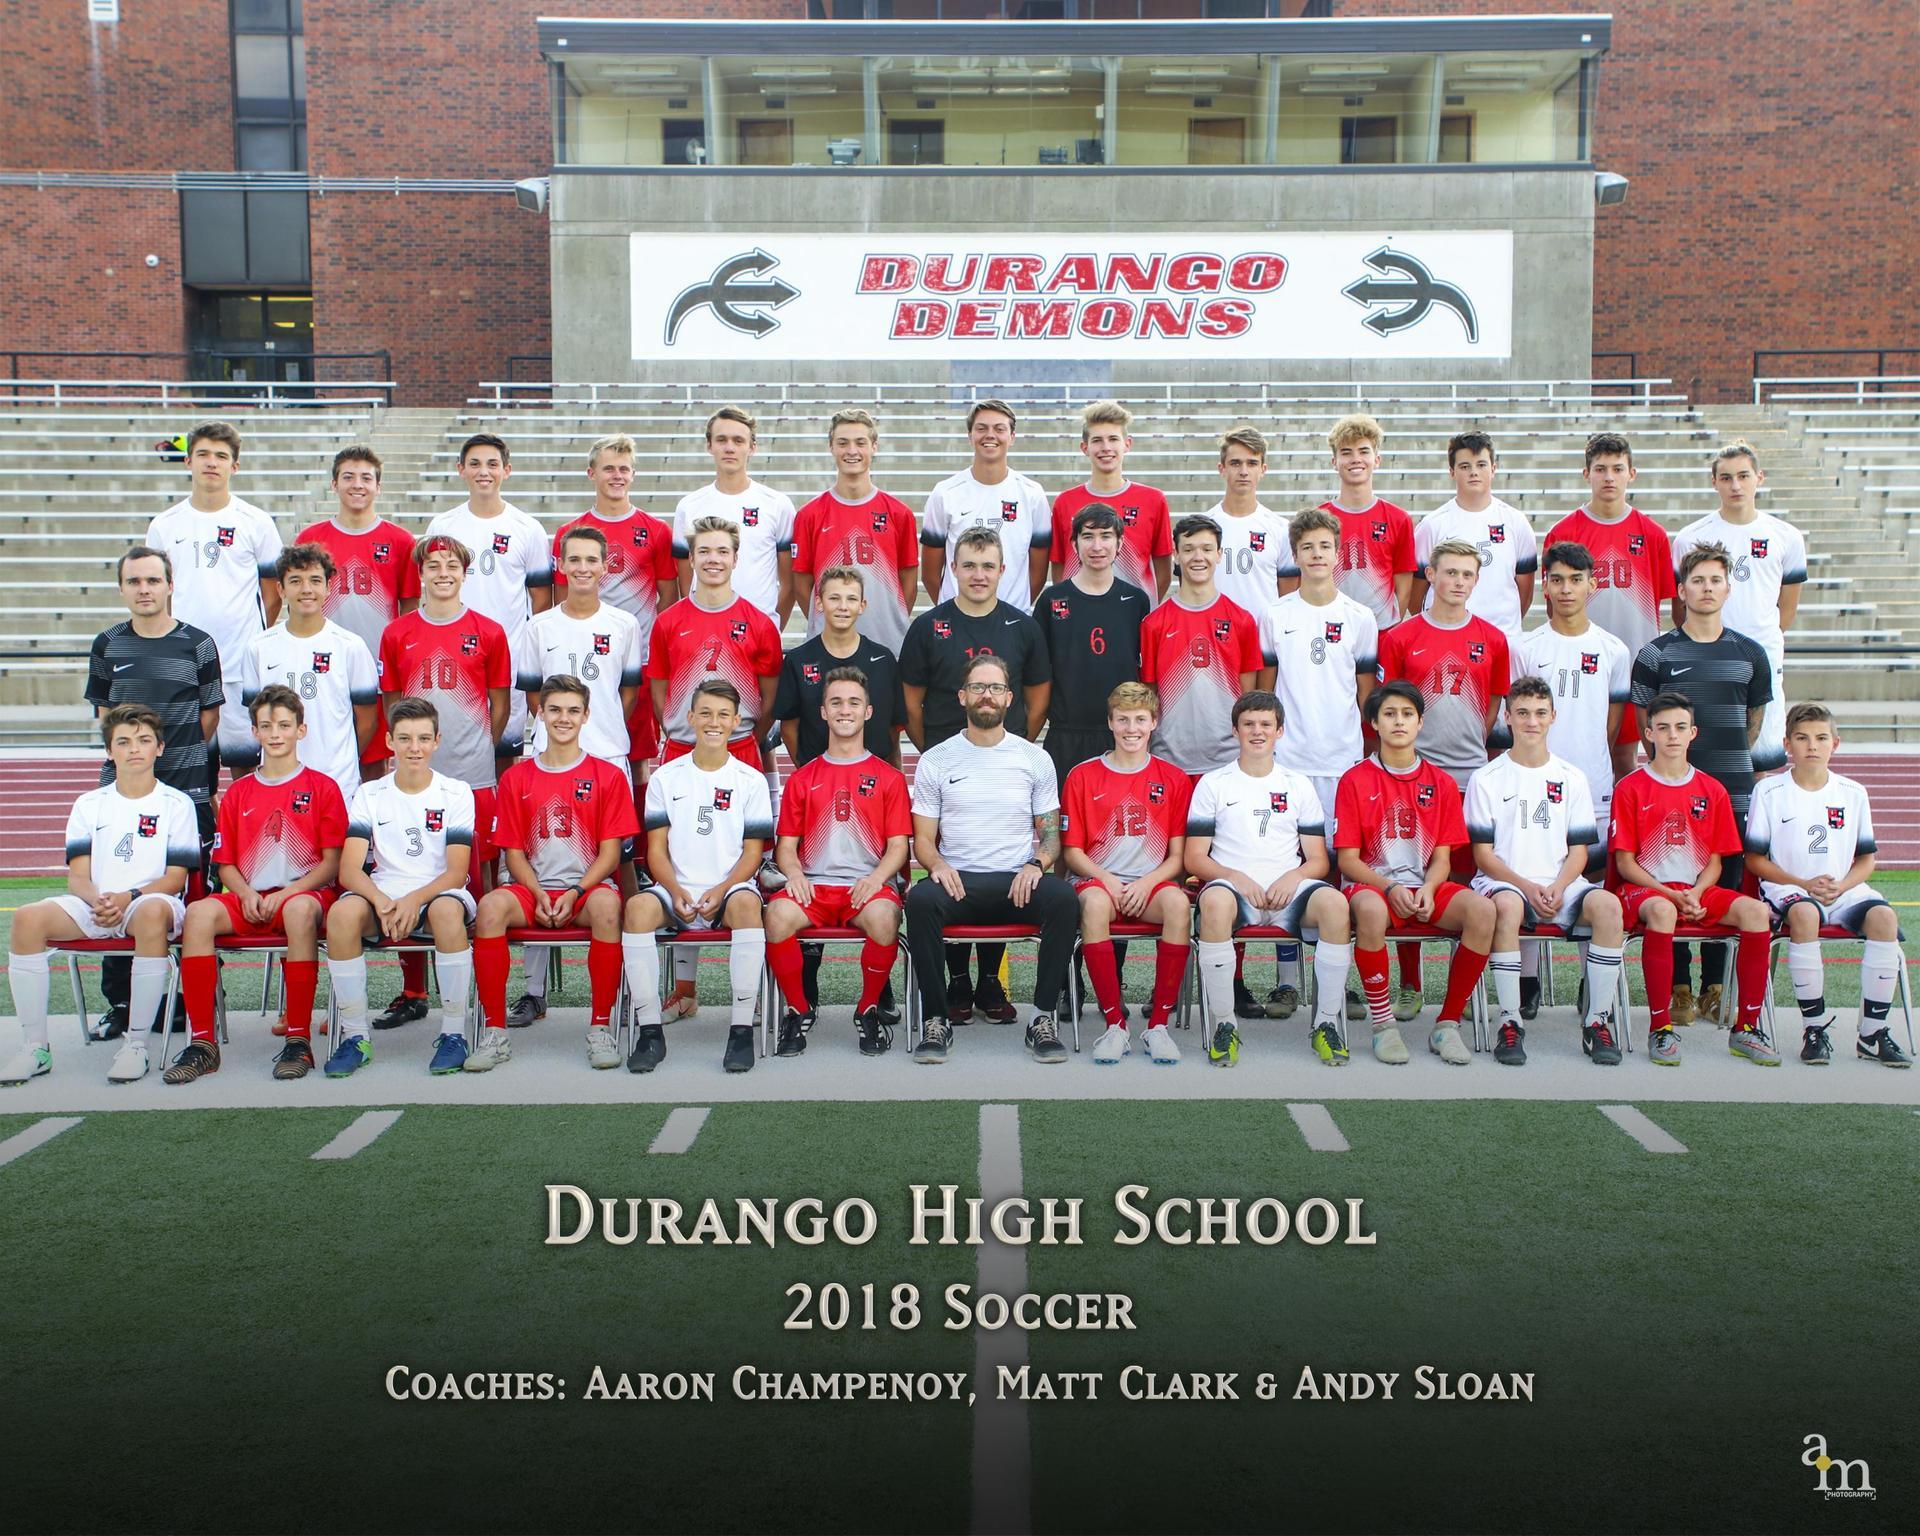 2018 Team Picture